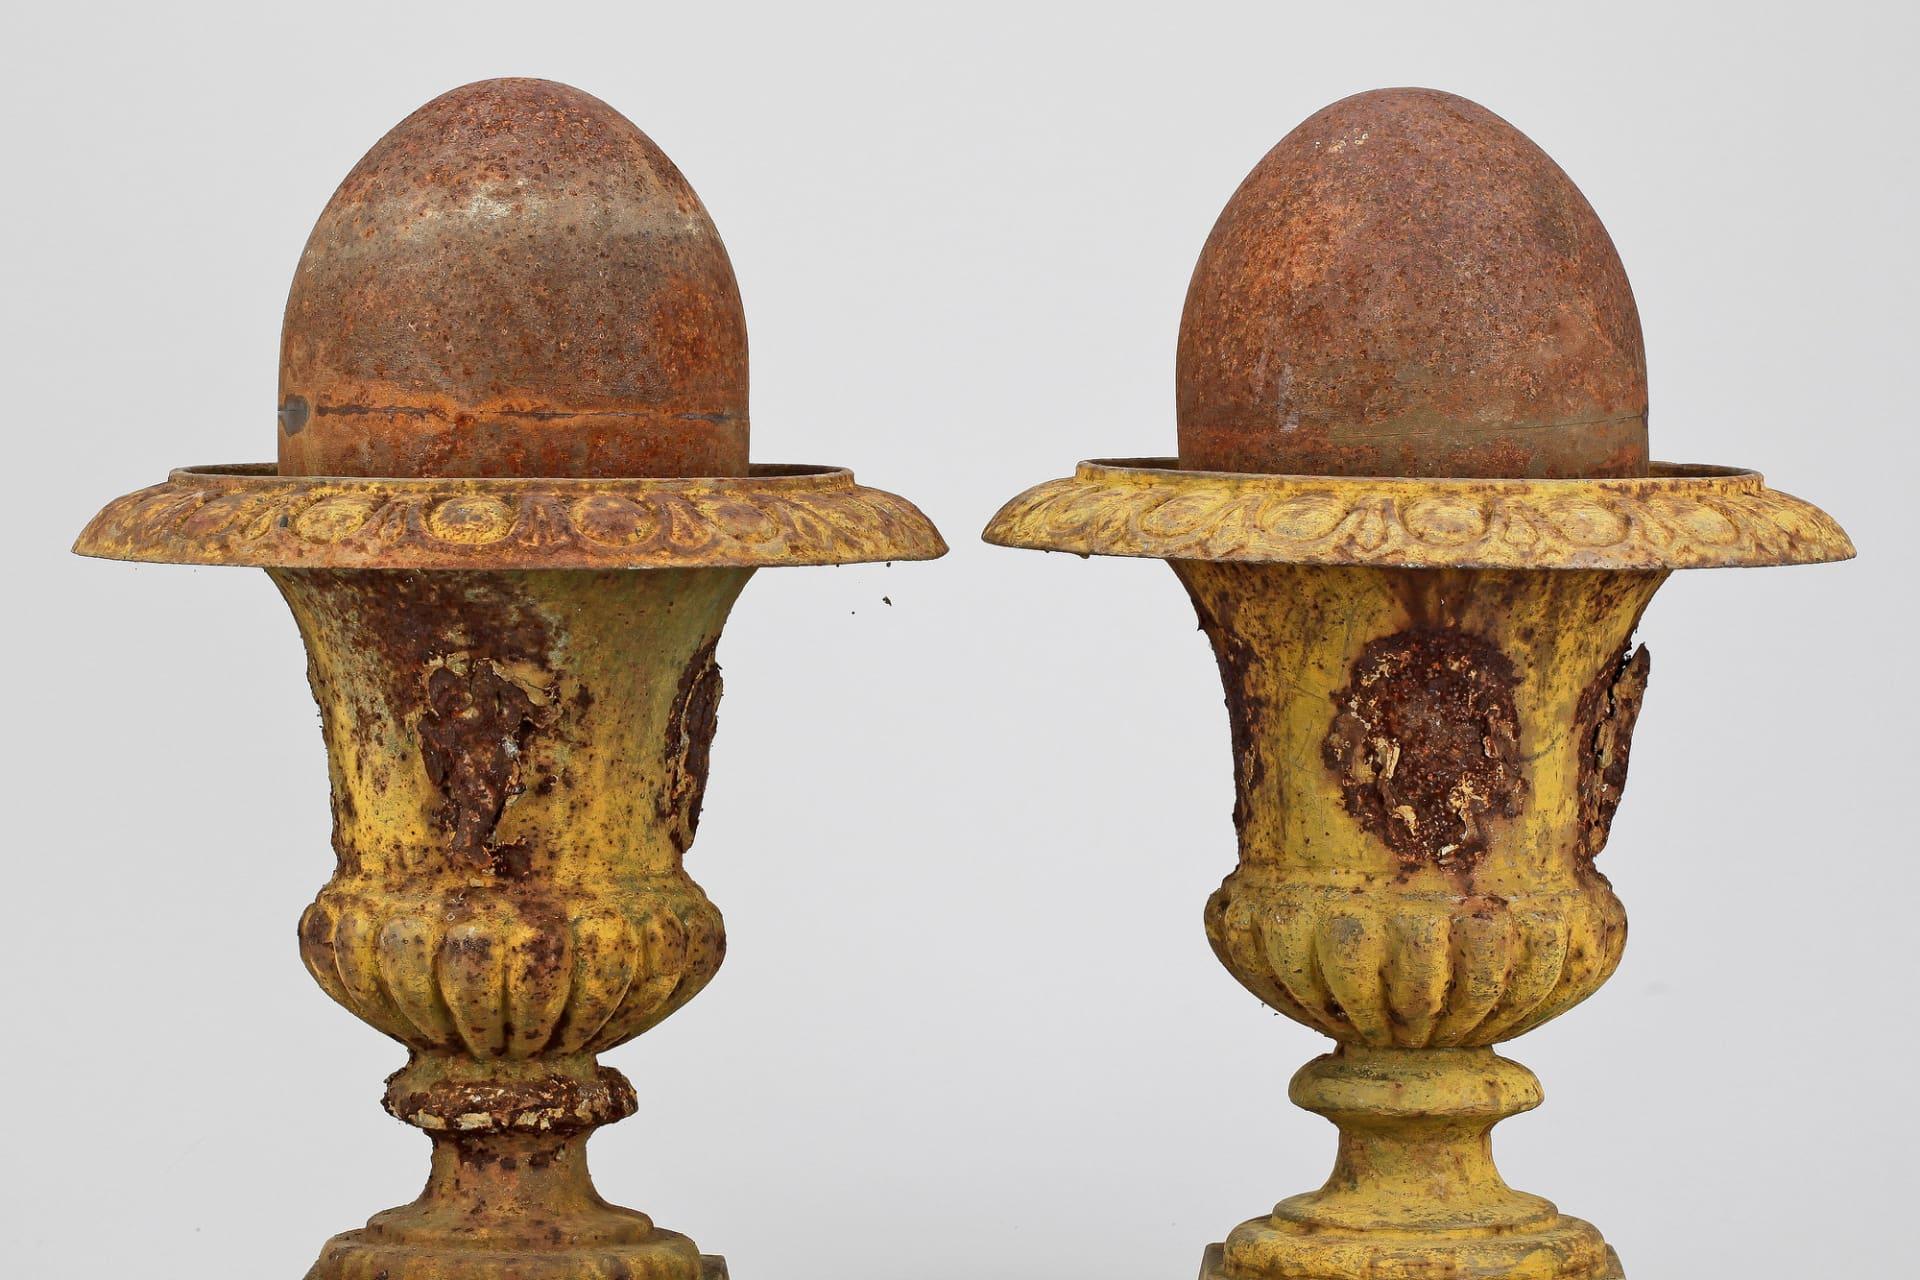 De gulmålade gjutjärnsurnorna har åldrats fint och passar vid en entré, på en terrass, eller varför inte på en balkong? De är cirka 43 cm höga och hade ett utropspris på 2000 kr på Bukowskis nätauktion.